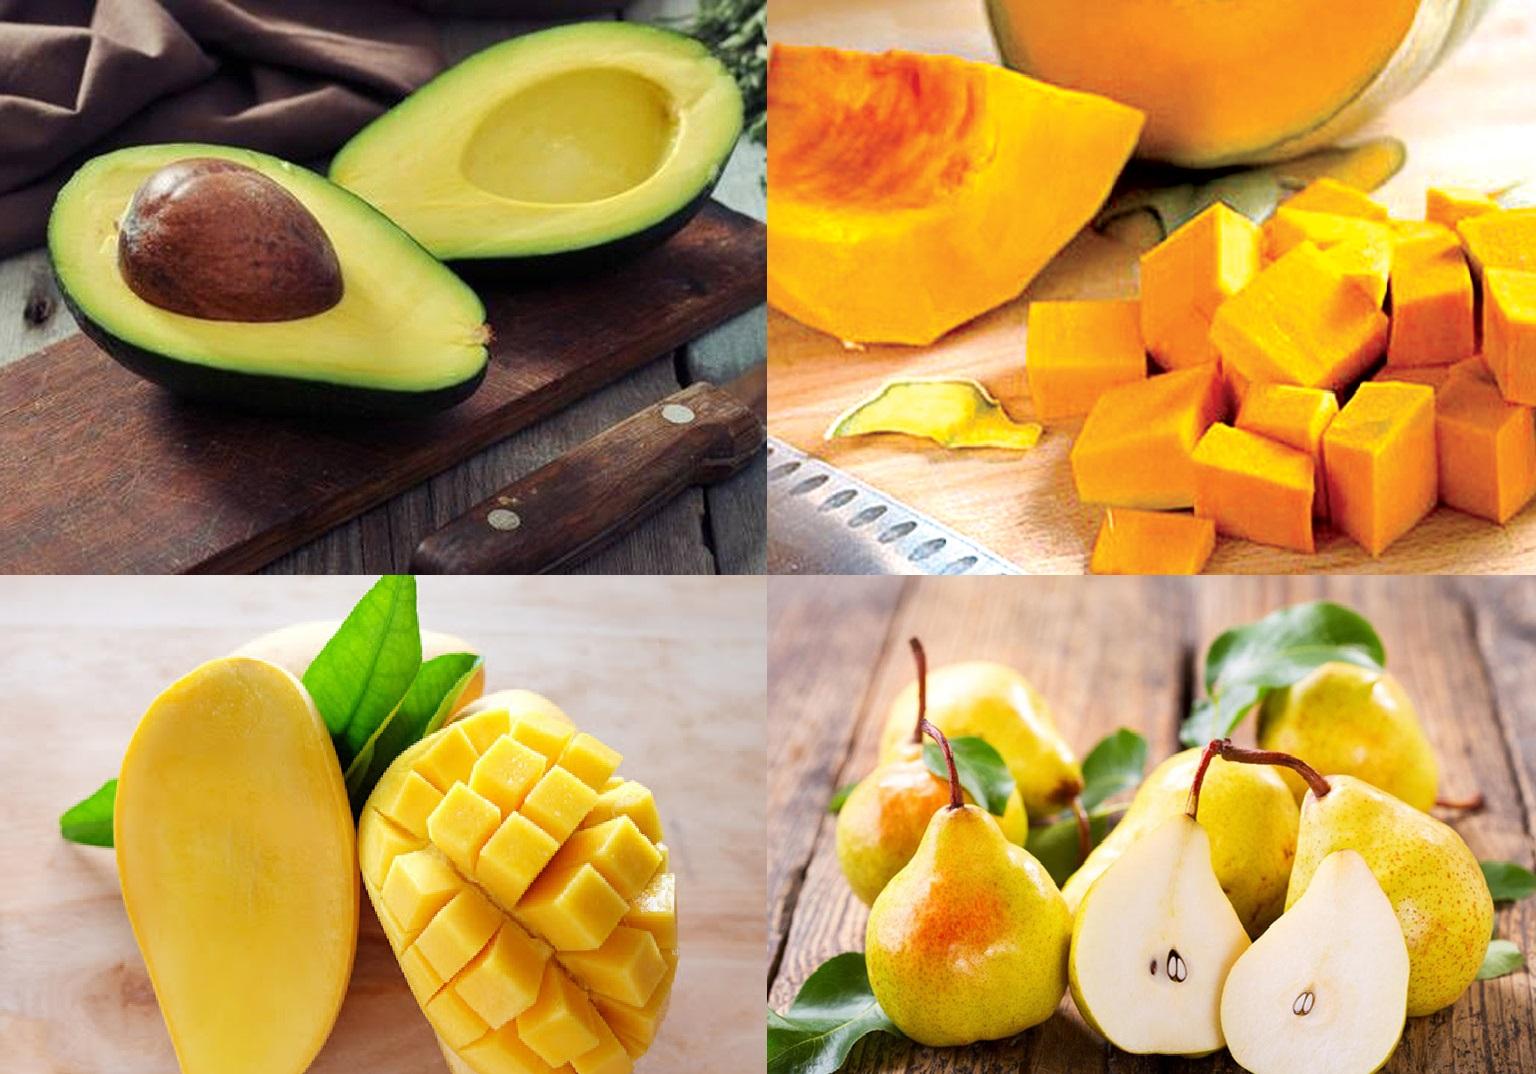 Những thực phẩm tốt cho cân nặng của trẻ như: bơ, bí đỏ, xoài, lê